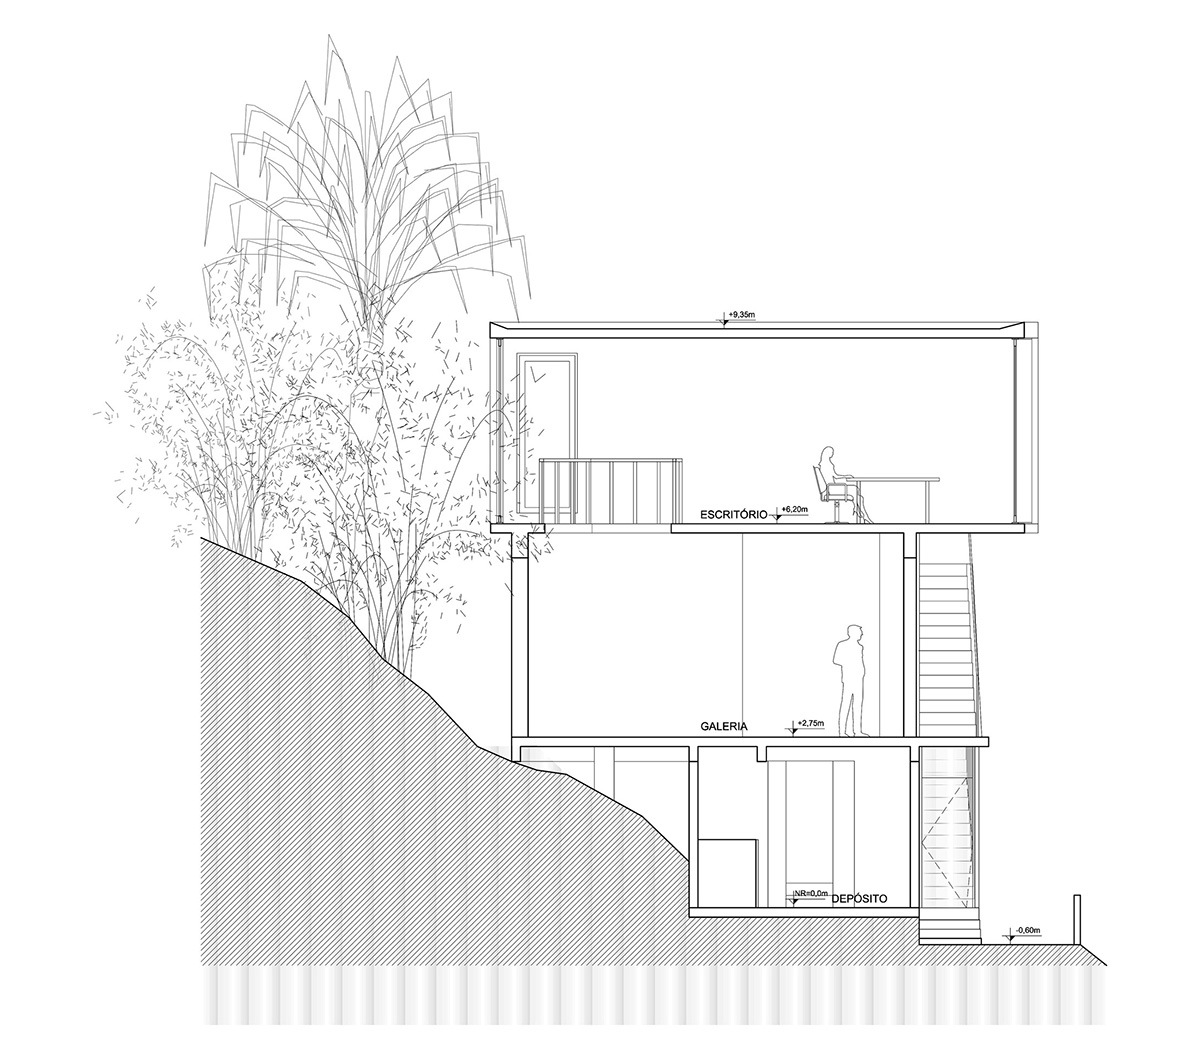 06-galeria-babilonia-1500-rualab